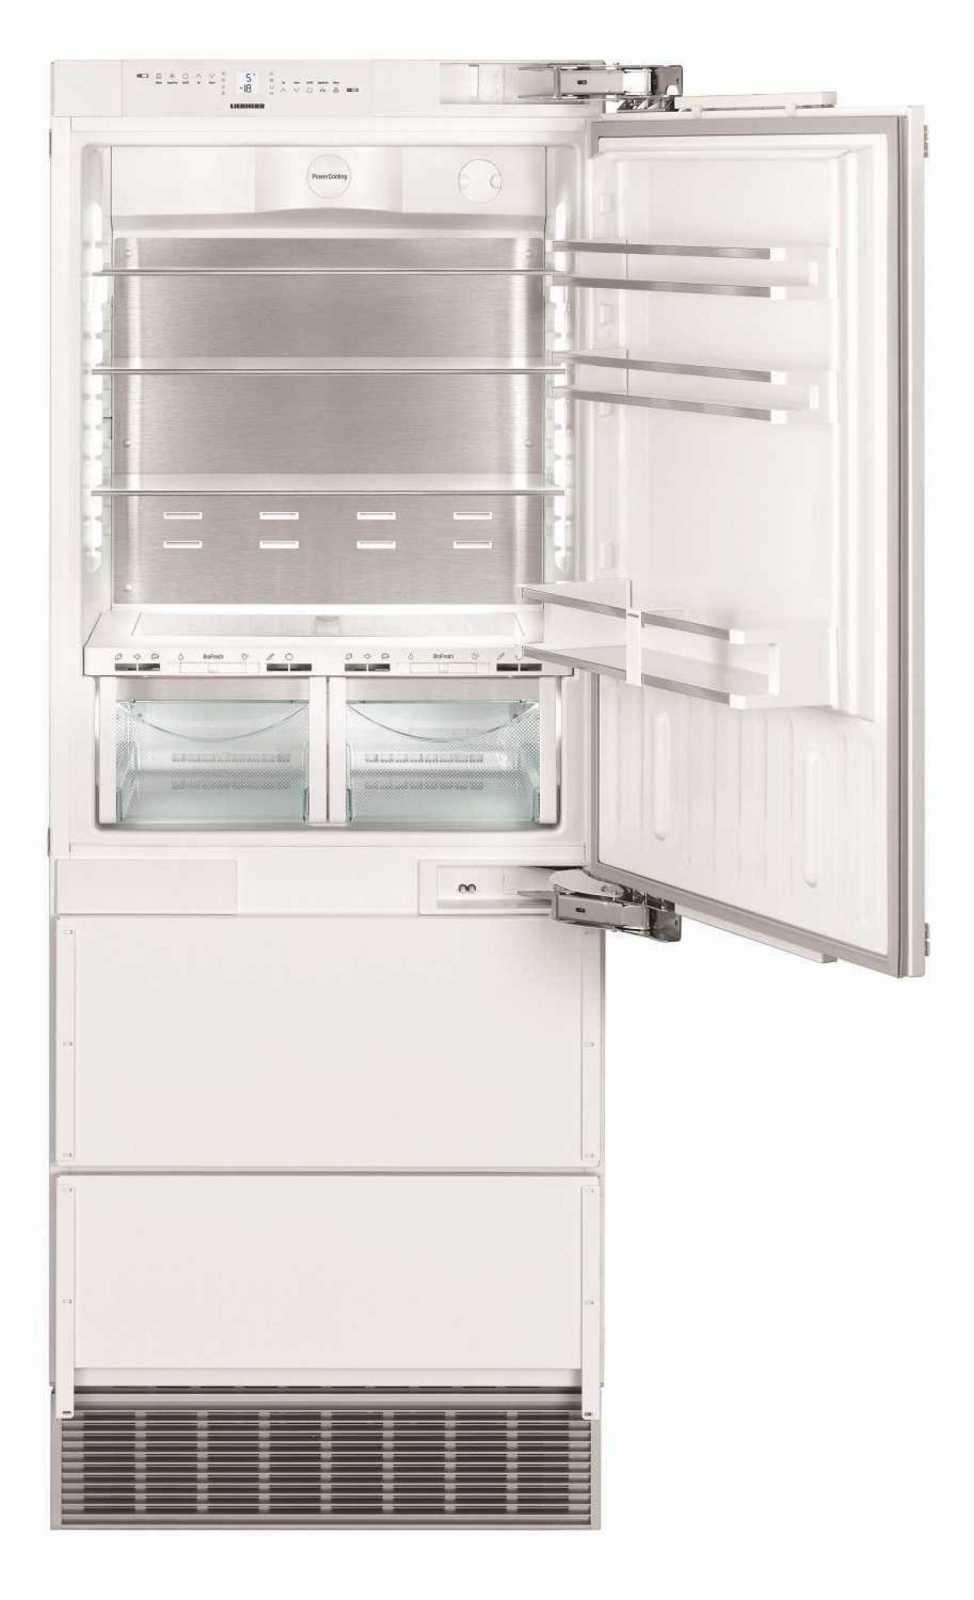 купить Встраиваемый двухкамерный холодильник Liebherr ECBN 5066 Украина фото 1